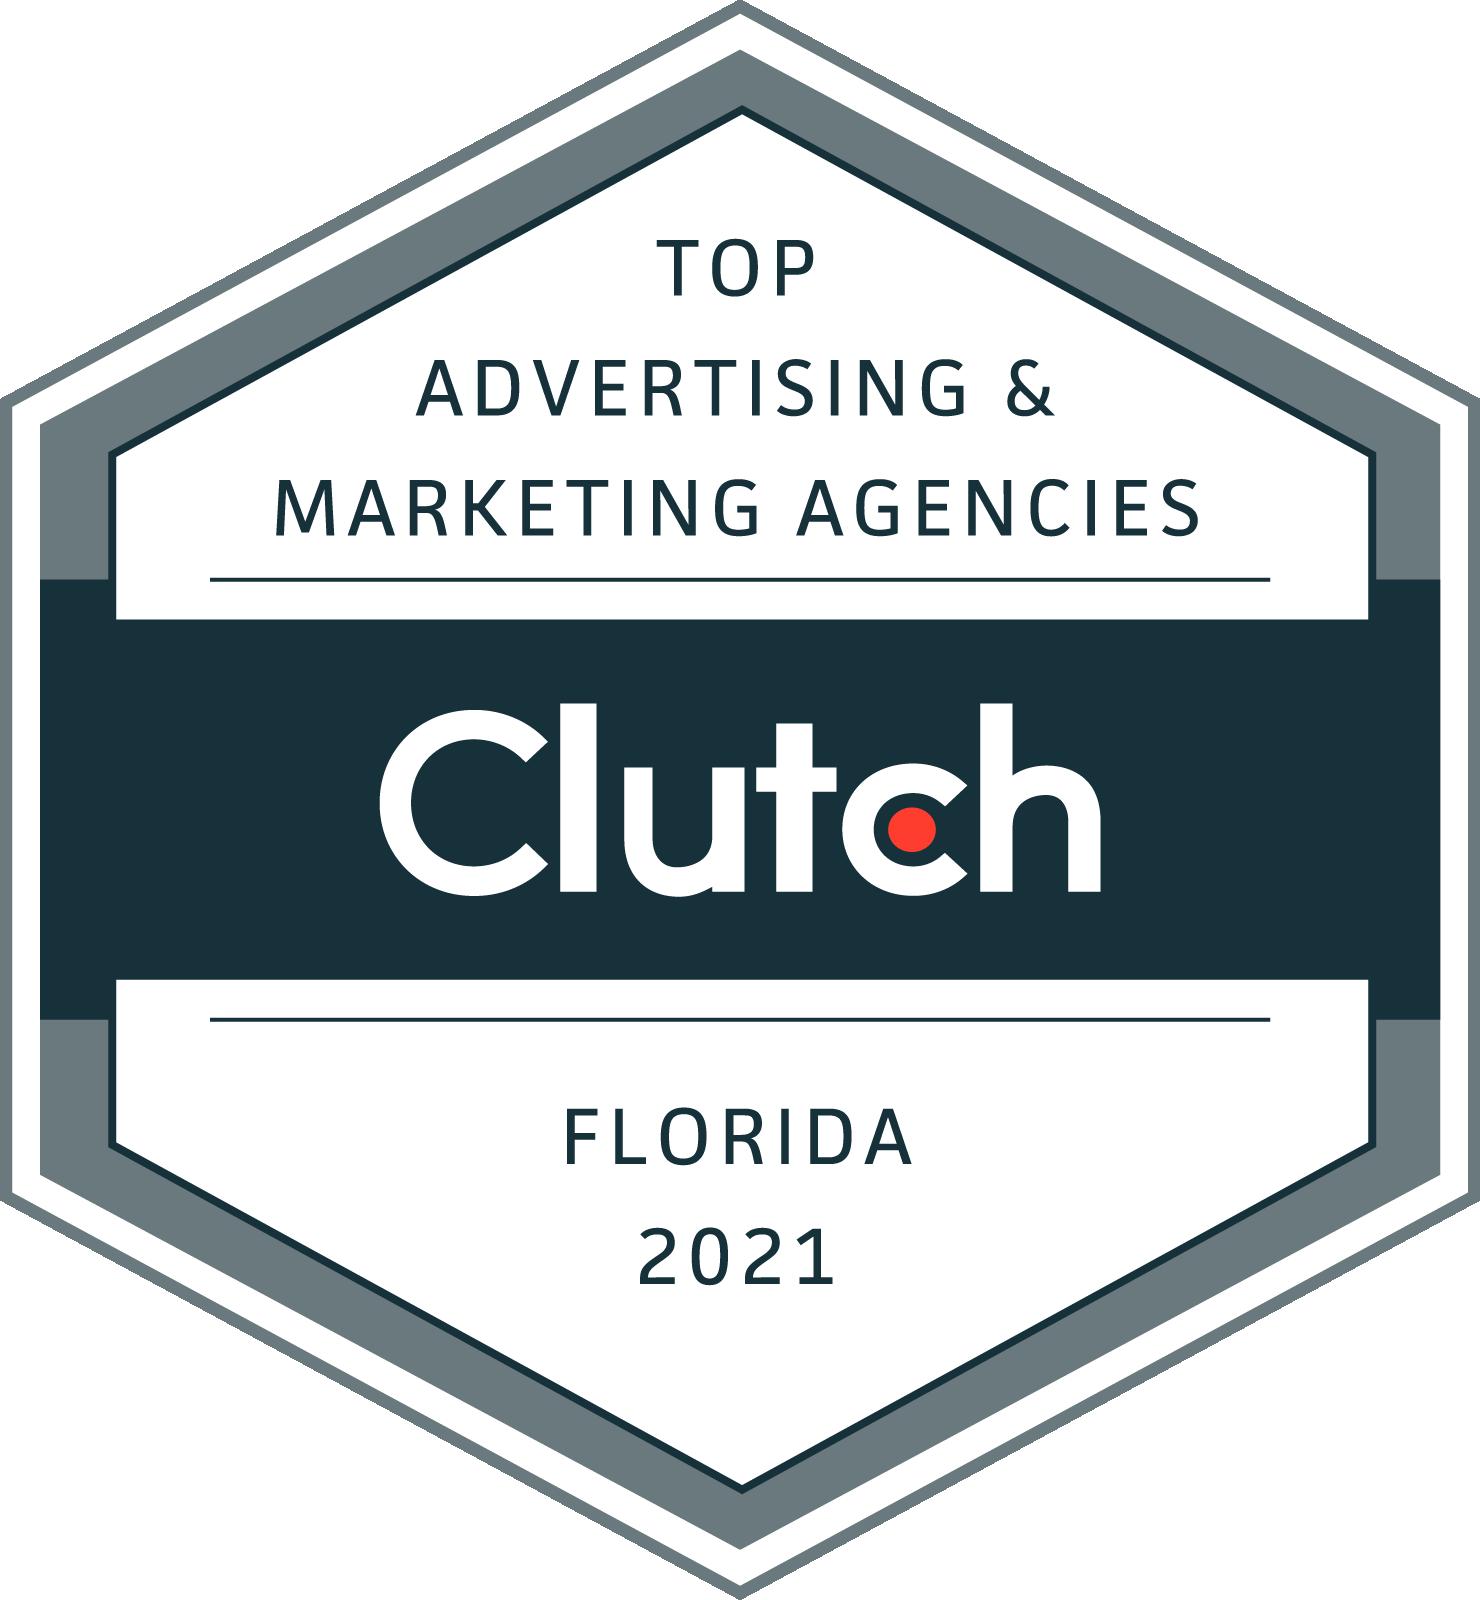 2021 Clutch Award